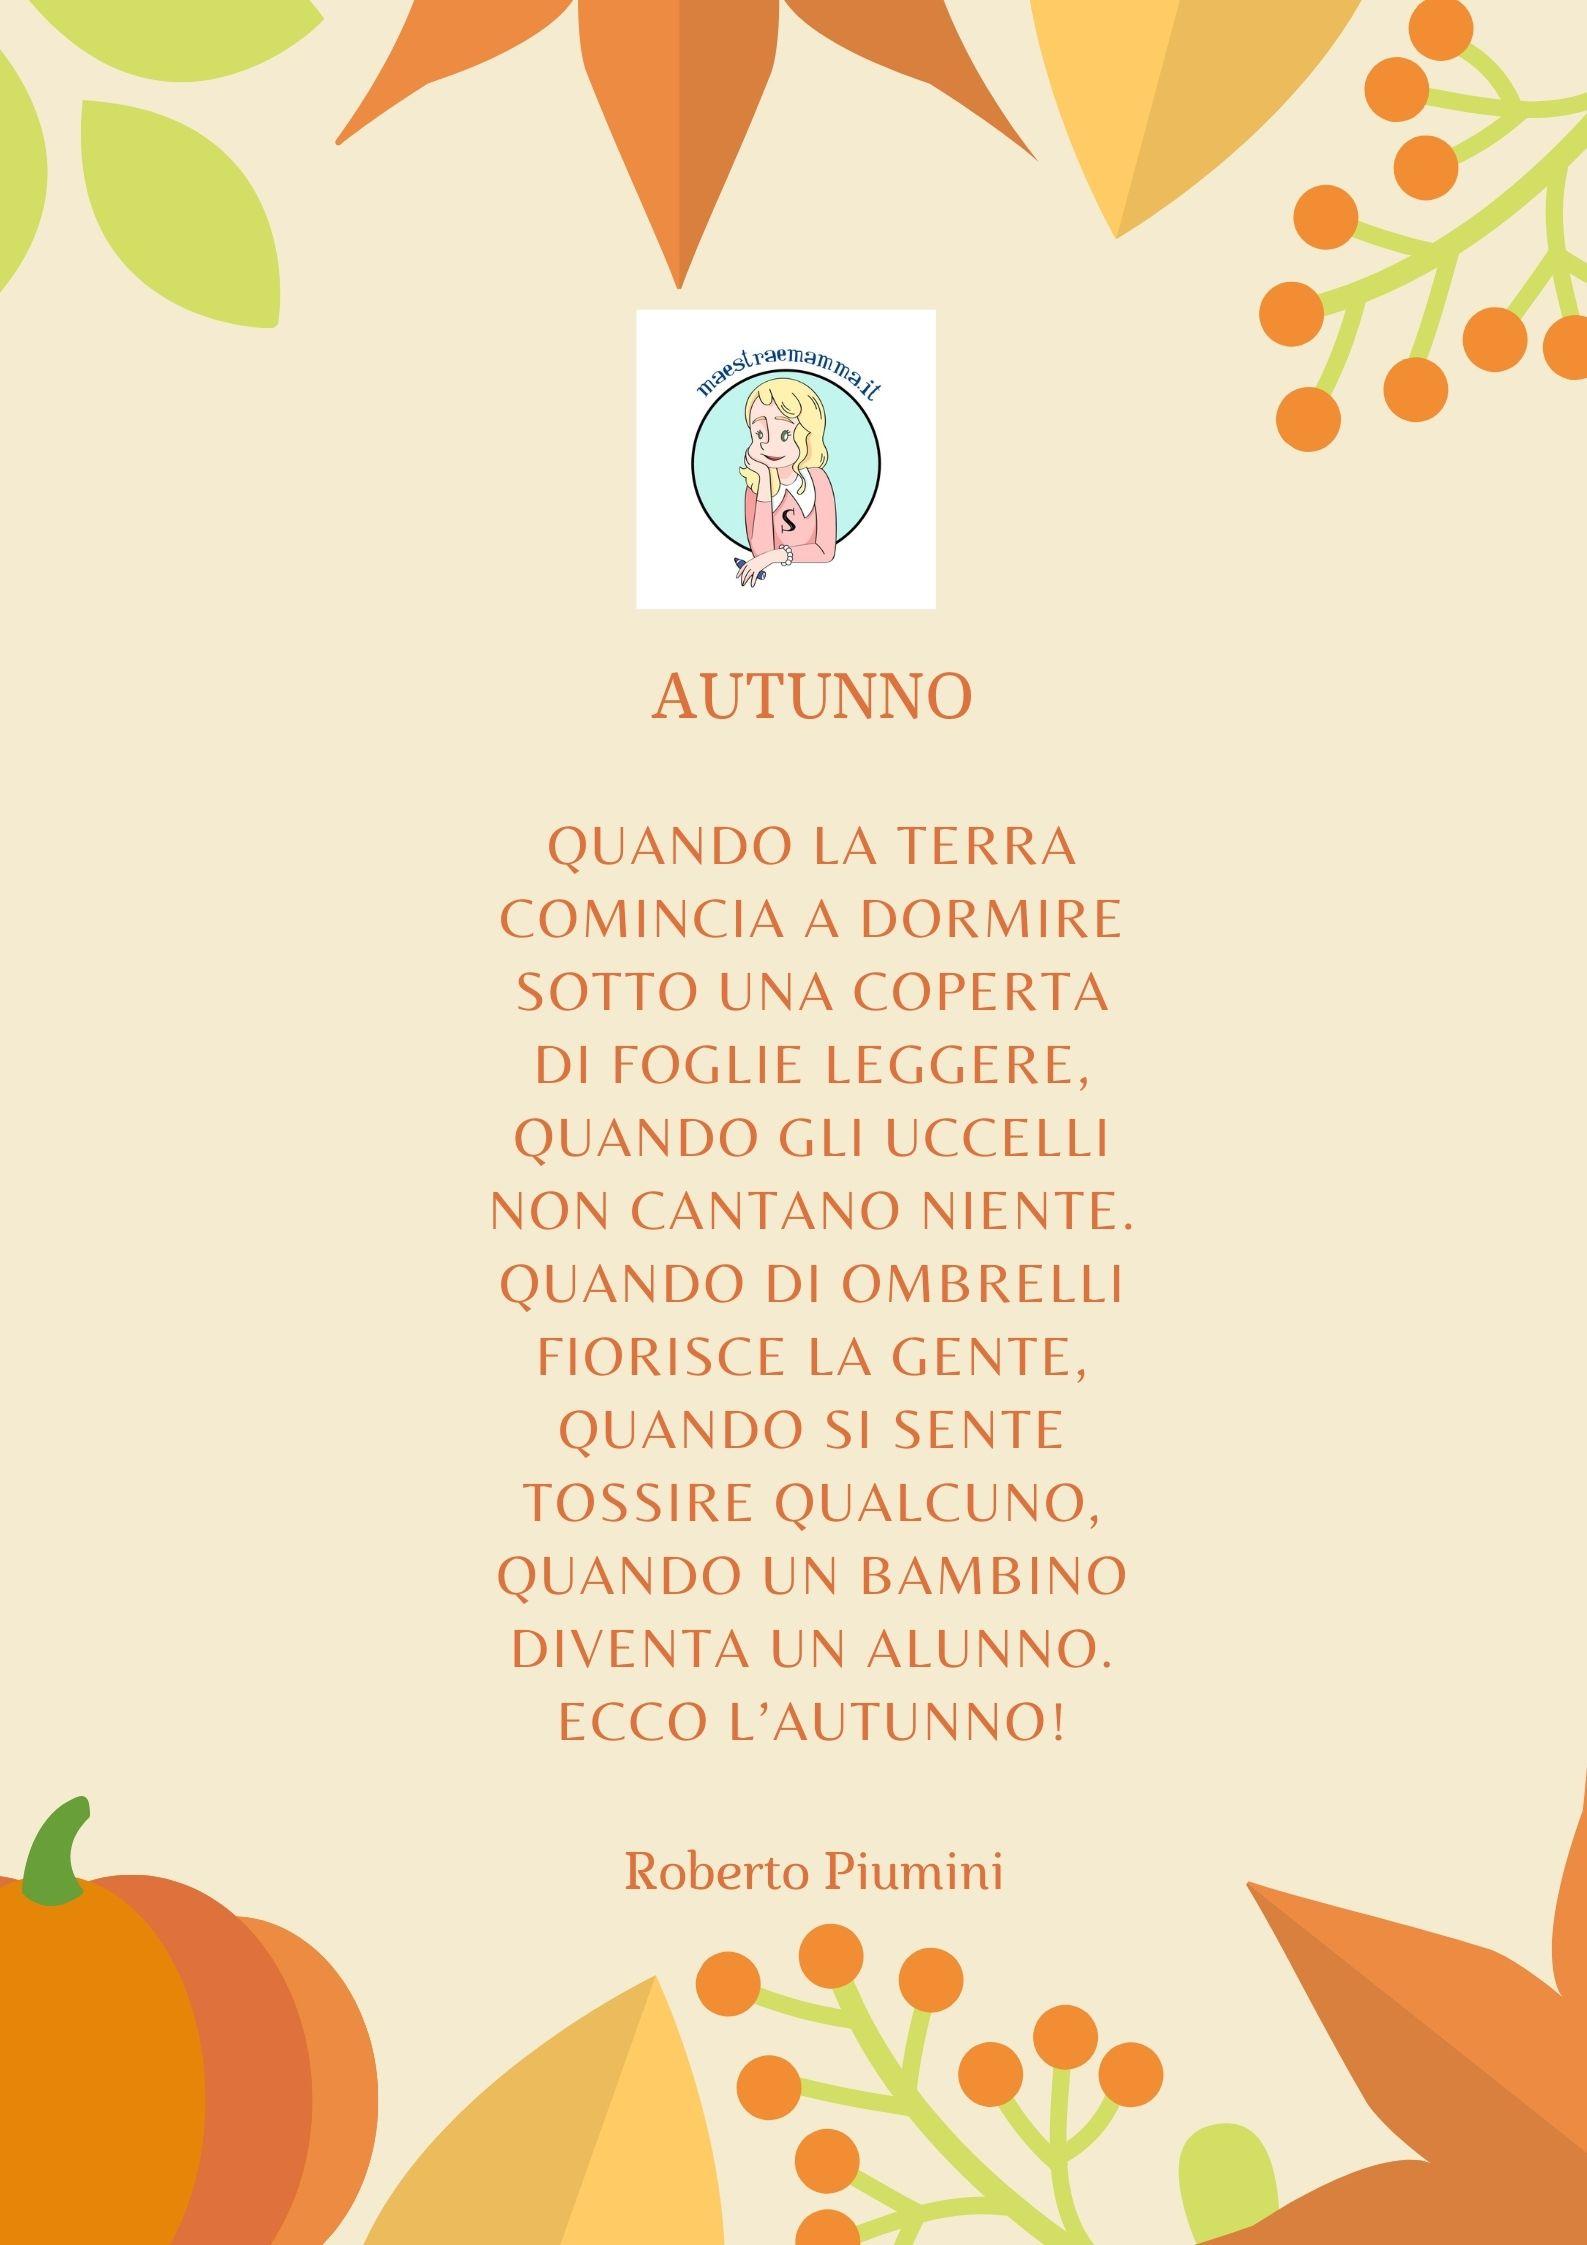 scuola Roberto Piumini autunno poesia